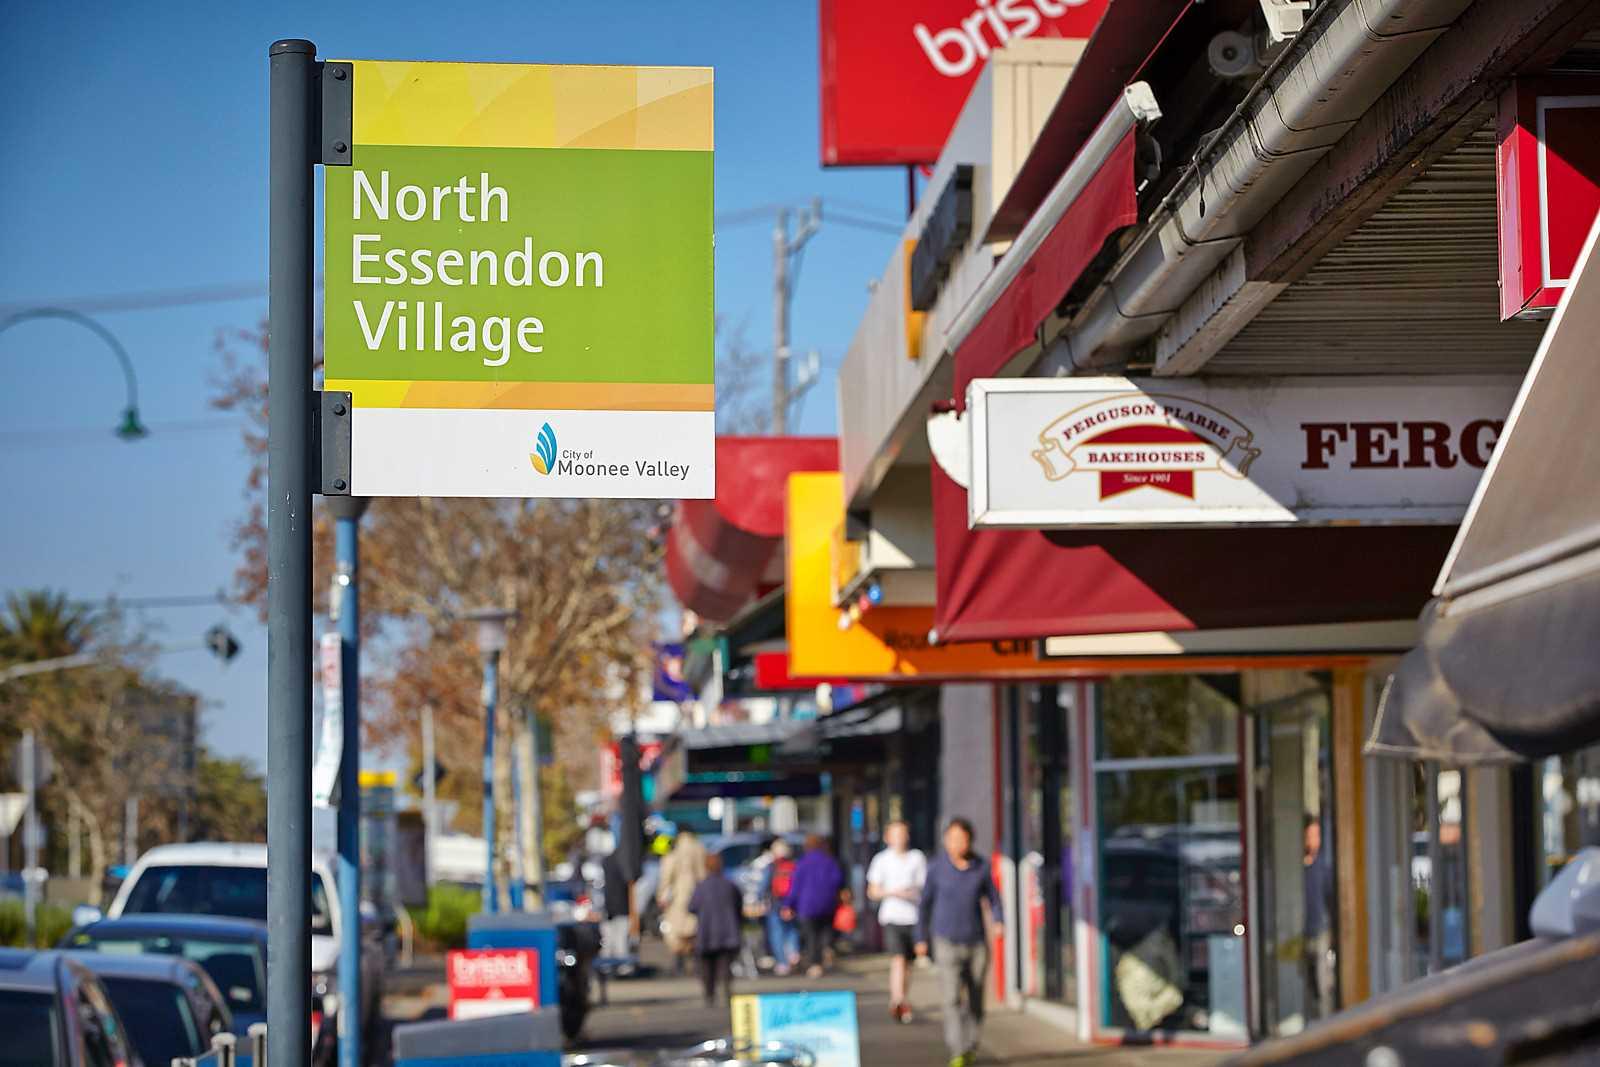 Essendon Nth Village